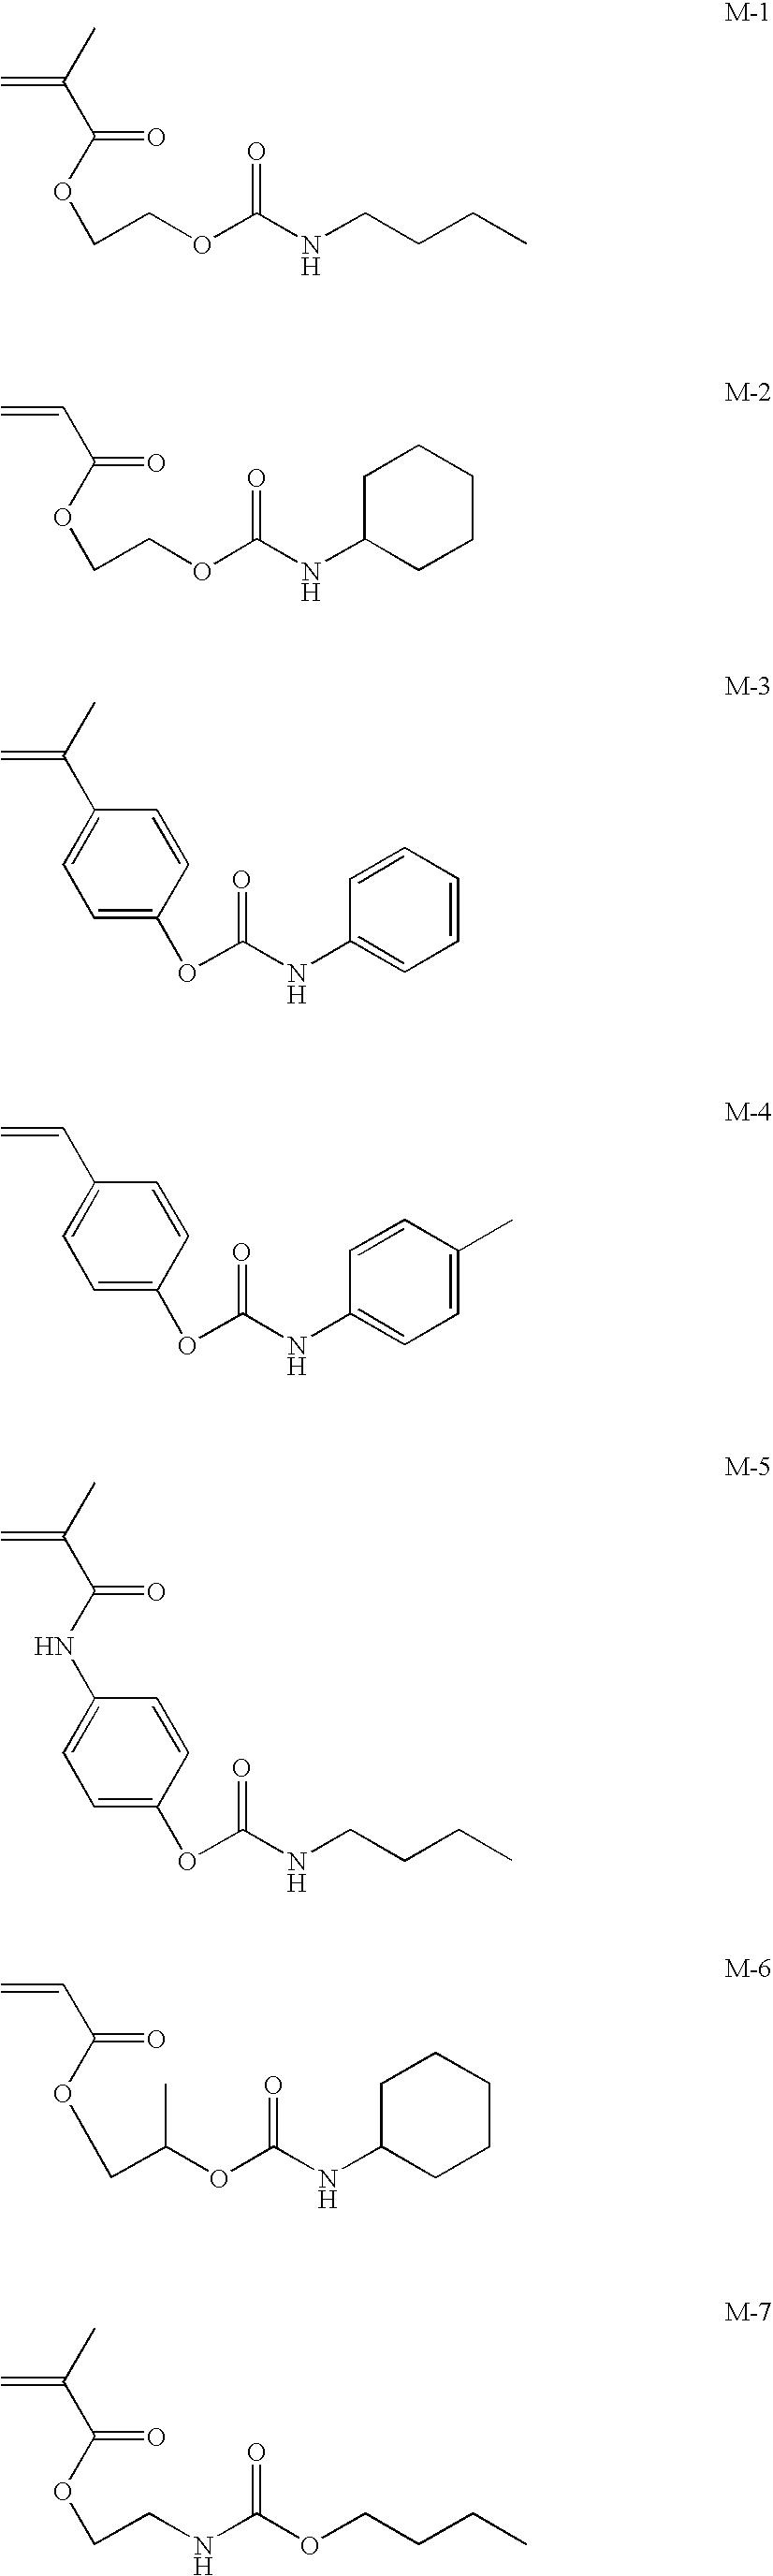 Figure US20070212641A1-20070913-C00164